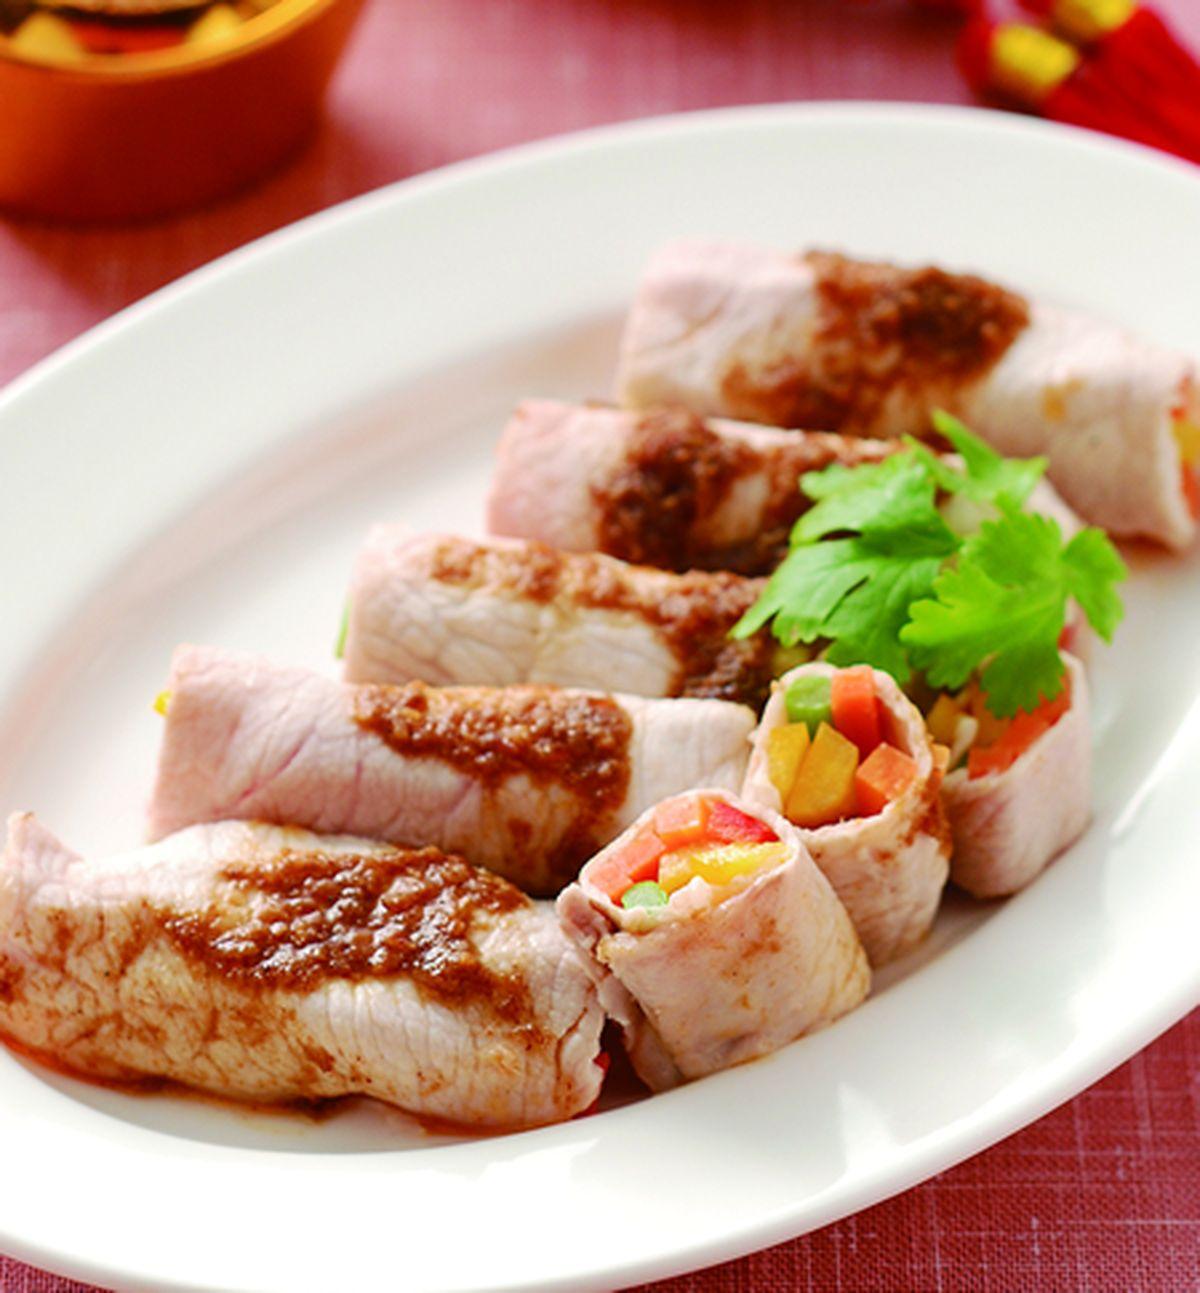 食譜:香煎燒肉卷